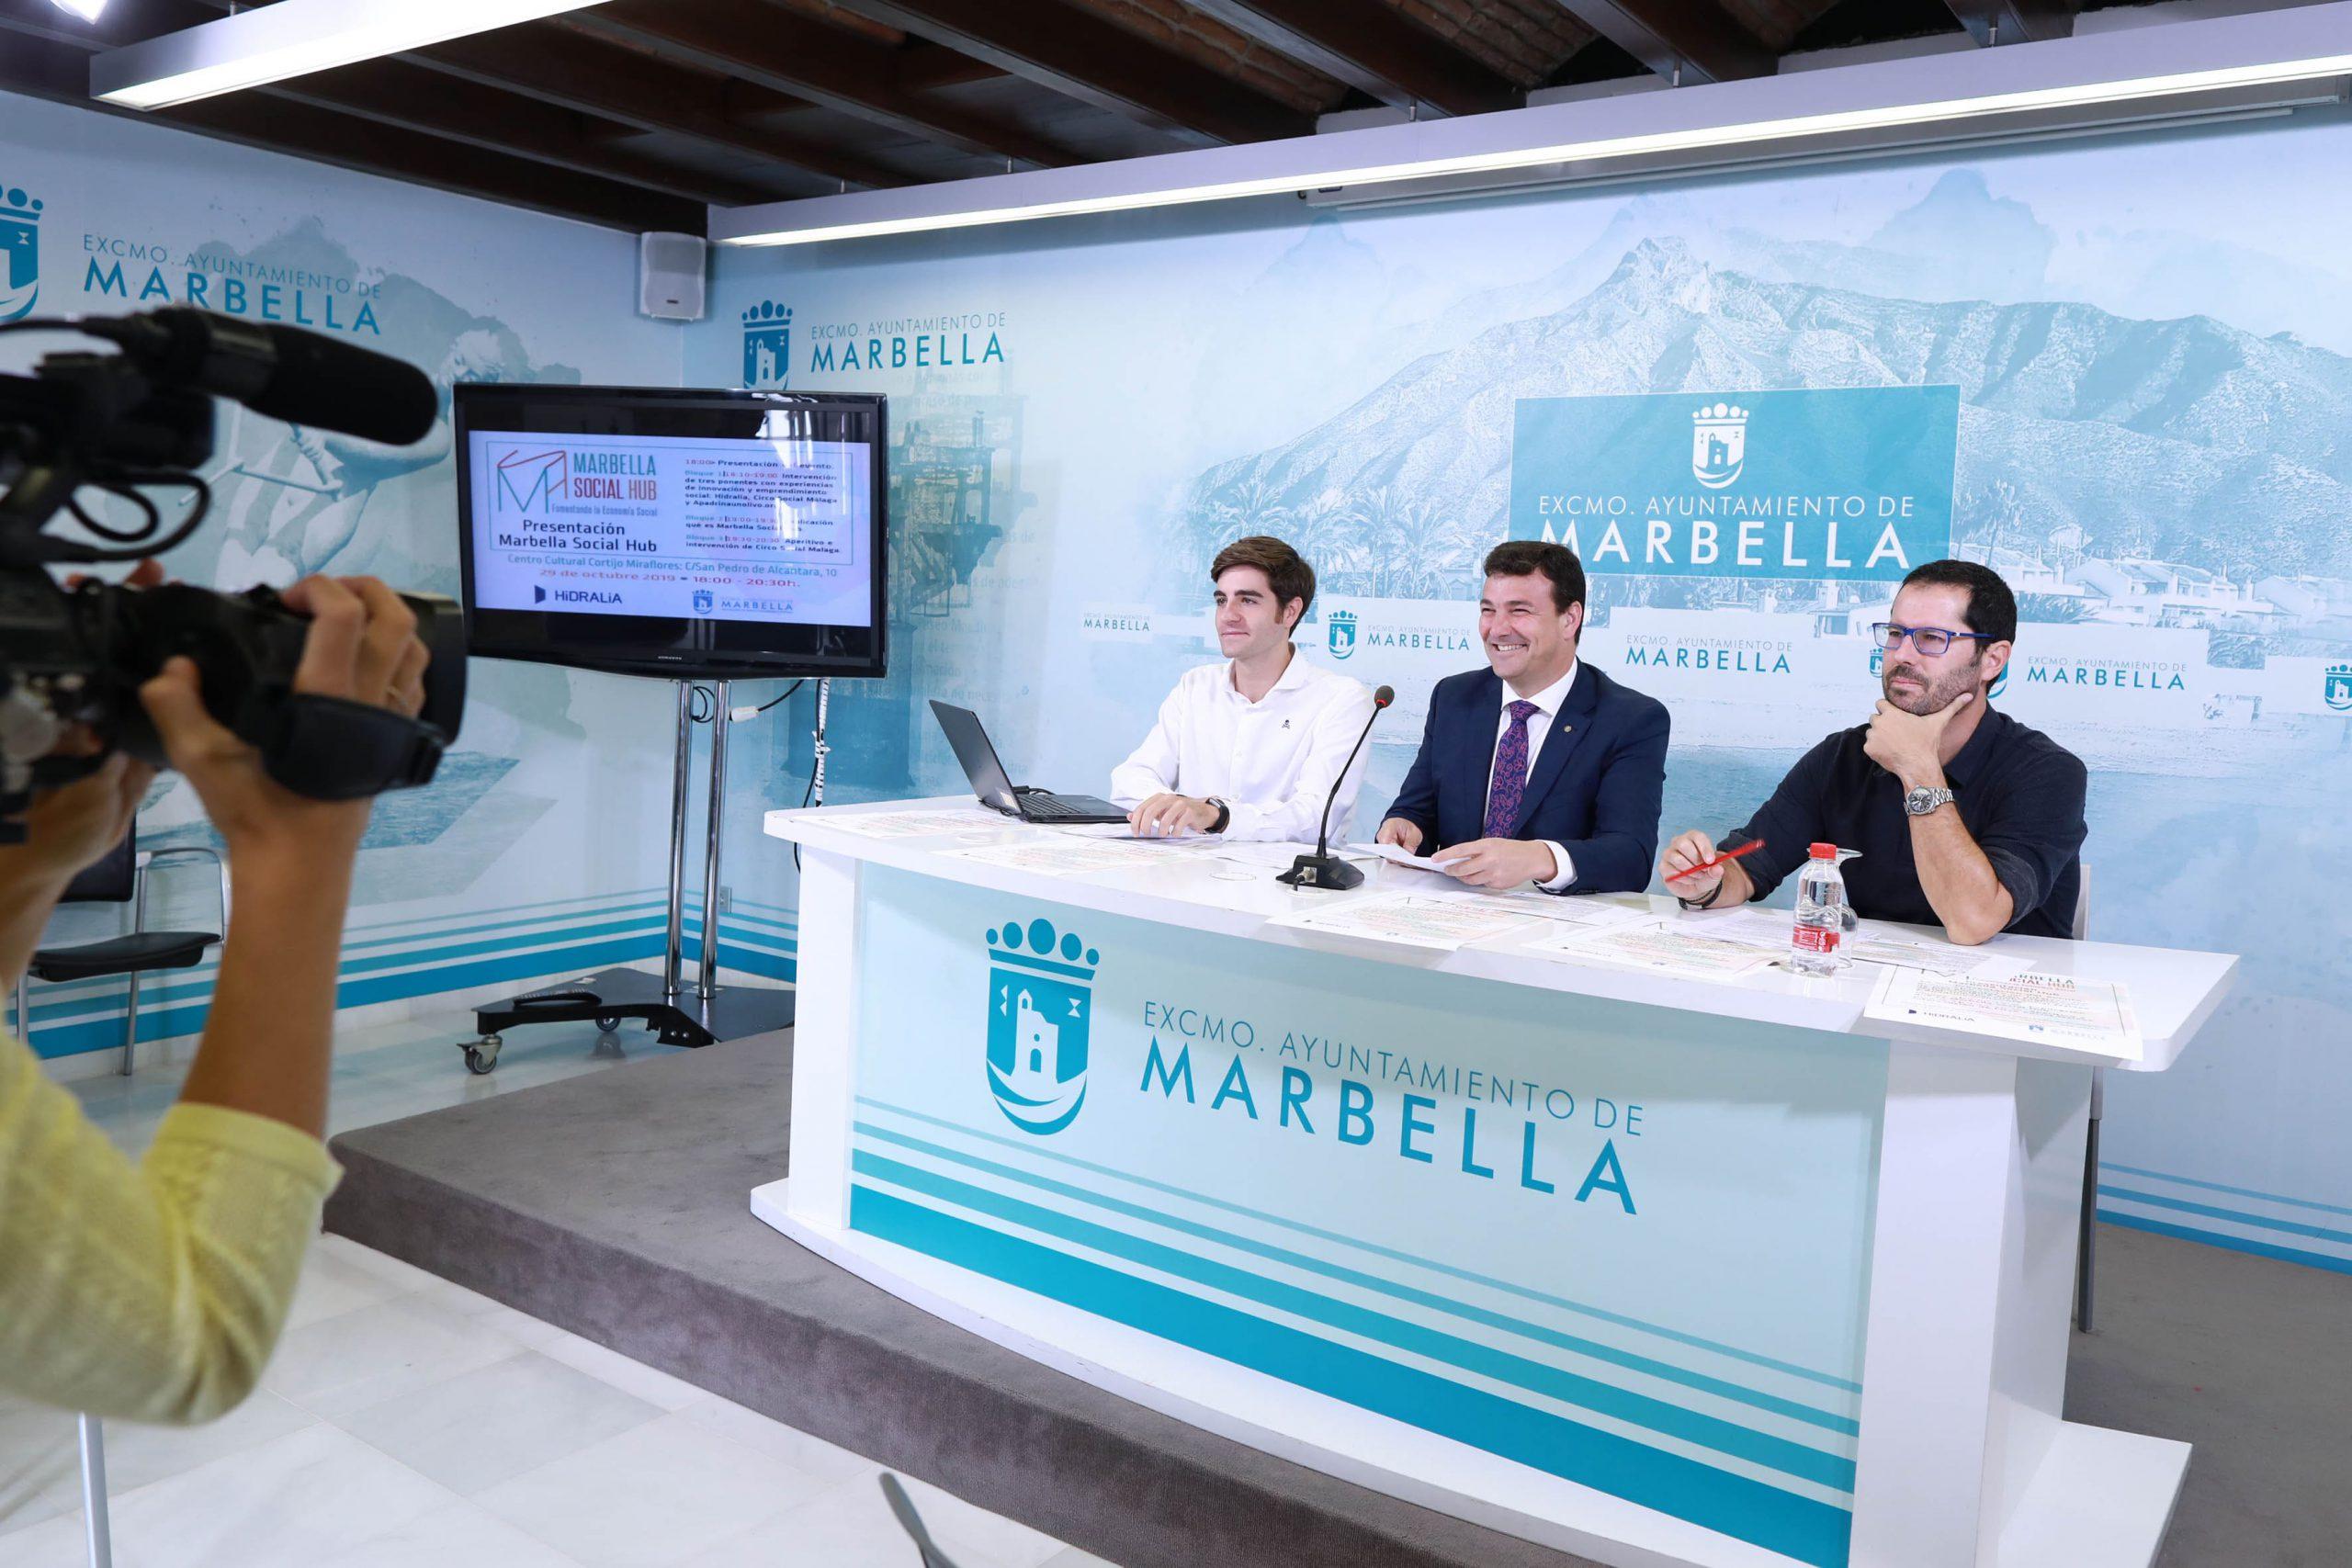 El Ayuntamiento pone en marcha el programa 'Marbella Social Hub'